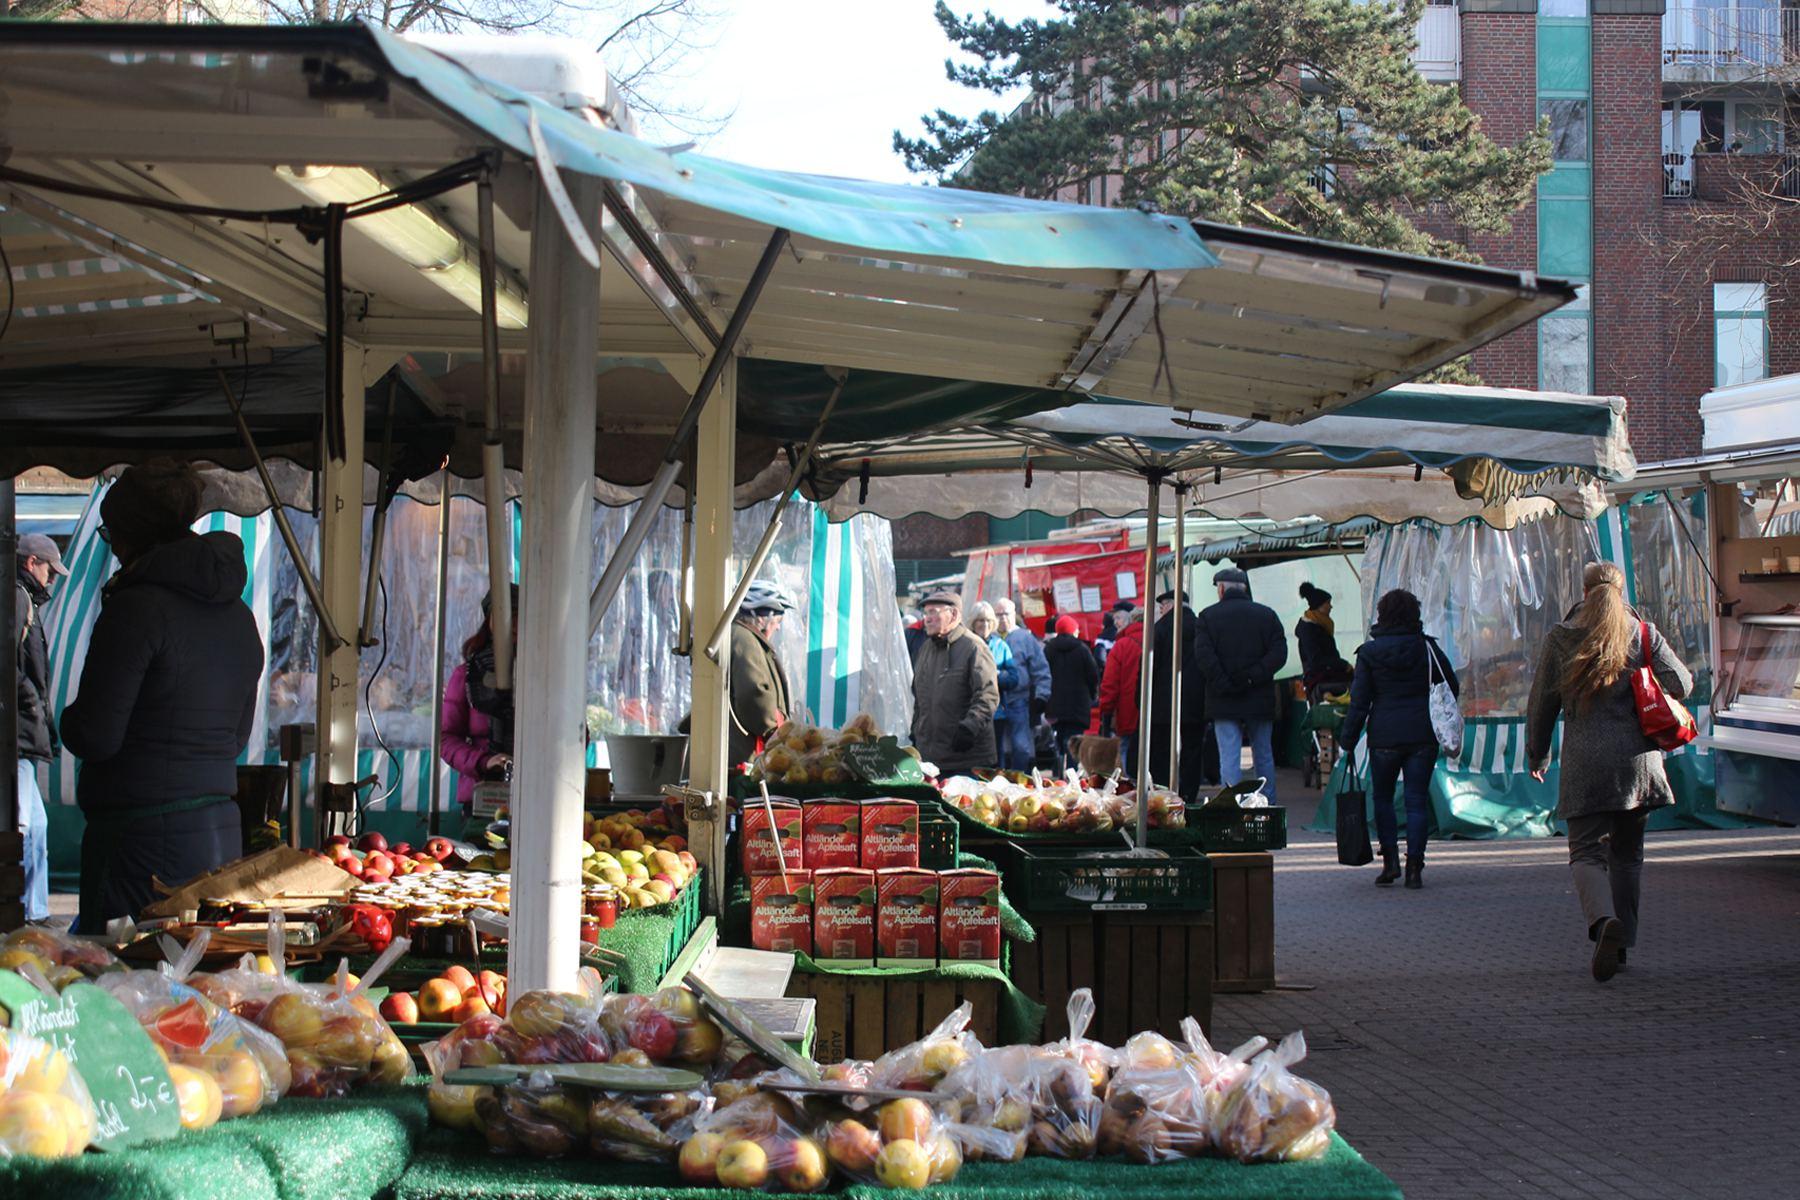 Wochenmarkt Eidelstedt, Obst- und Gemüsestände. Foto: Tessa Bleier